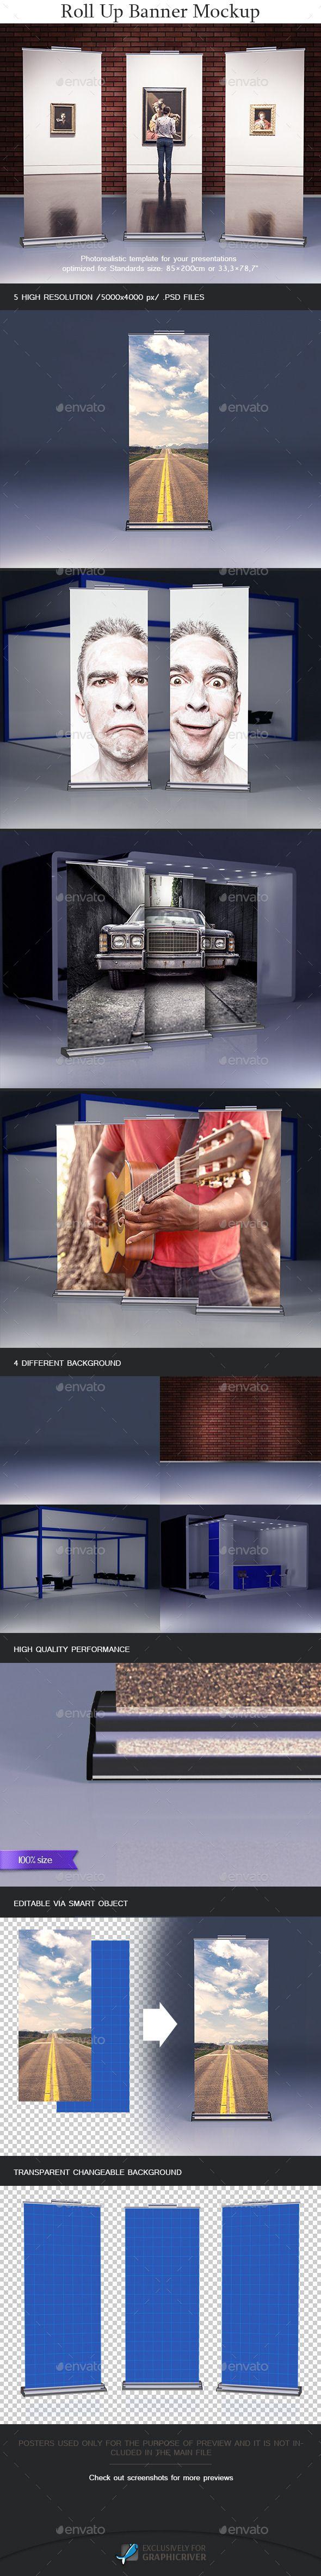 Roll Up Banner Mockup #design Download: http://graphicriver.net/item/roll-up-banner-mockup/12285684?ref=ksioks